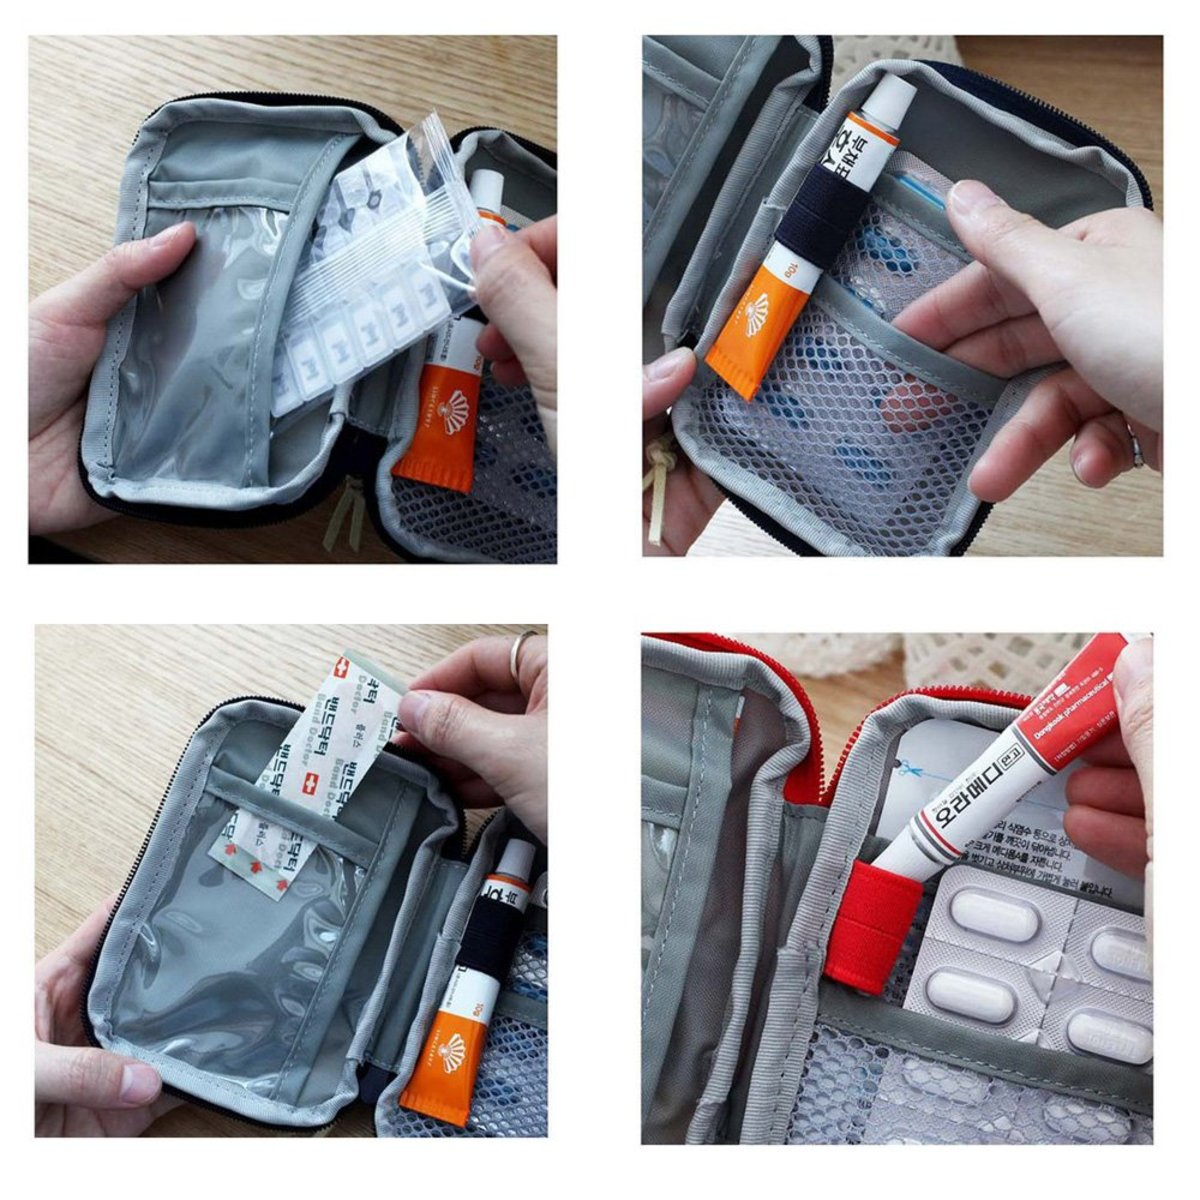 Echodo Mini First Aid Pouch